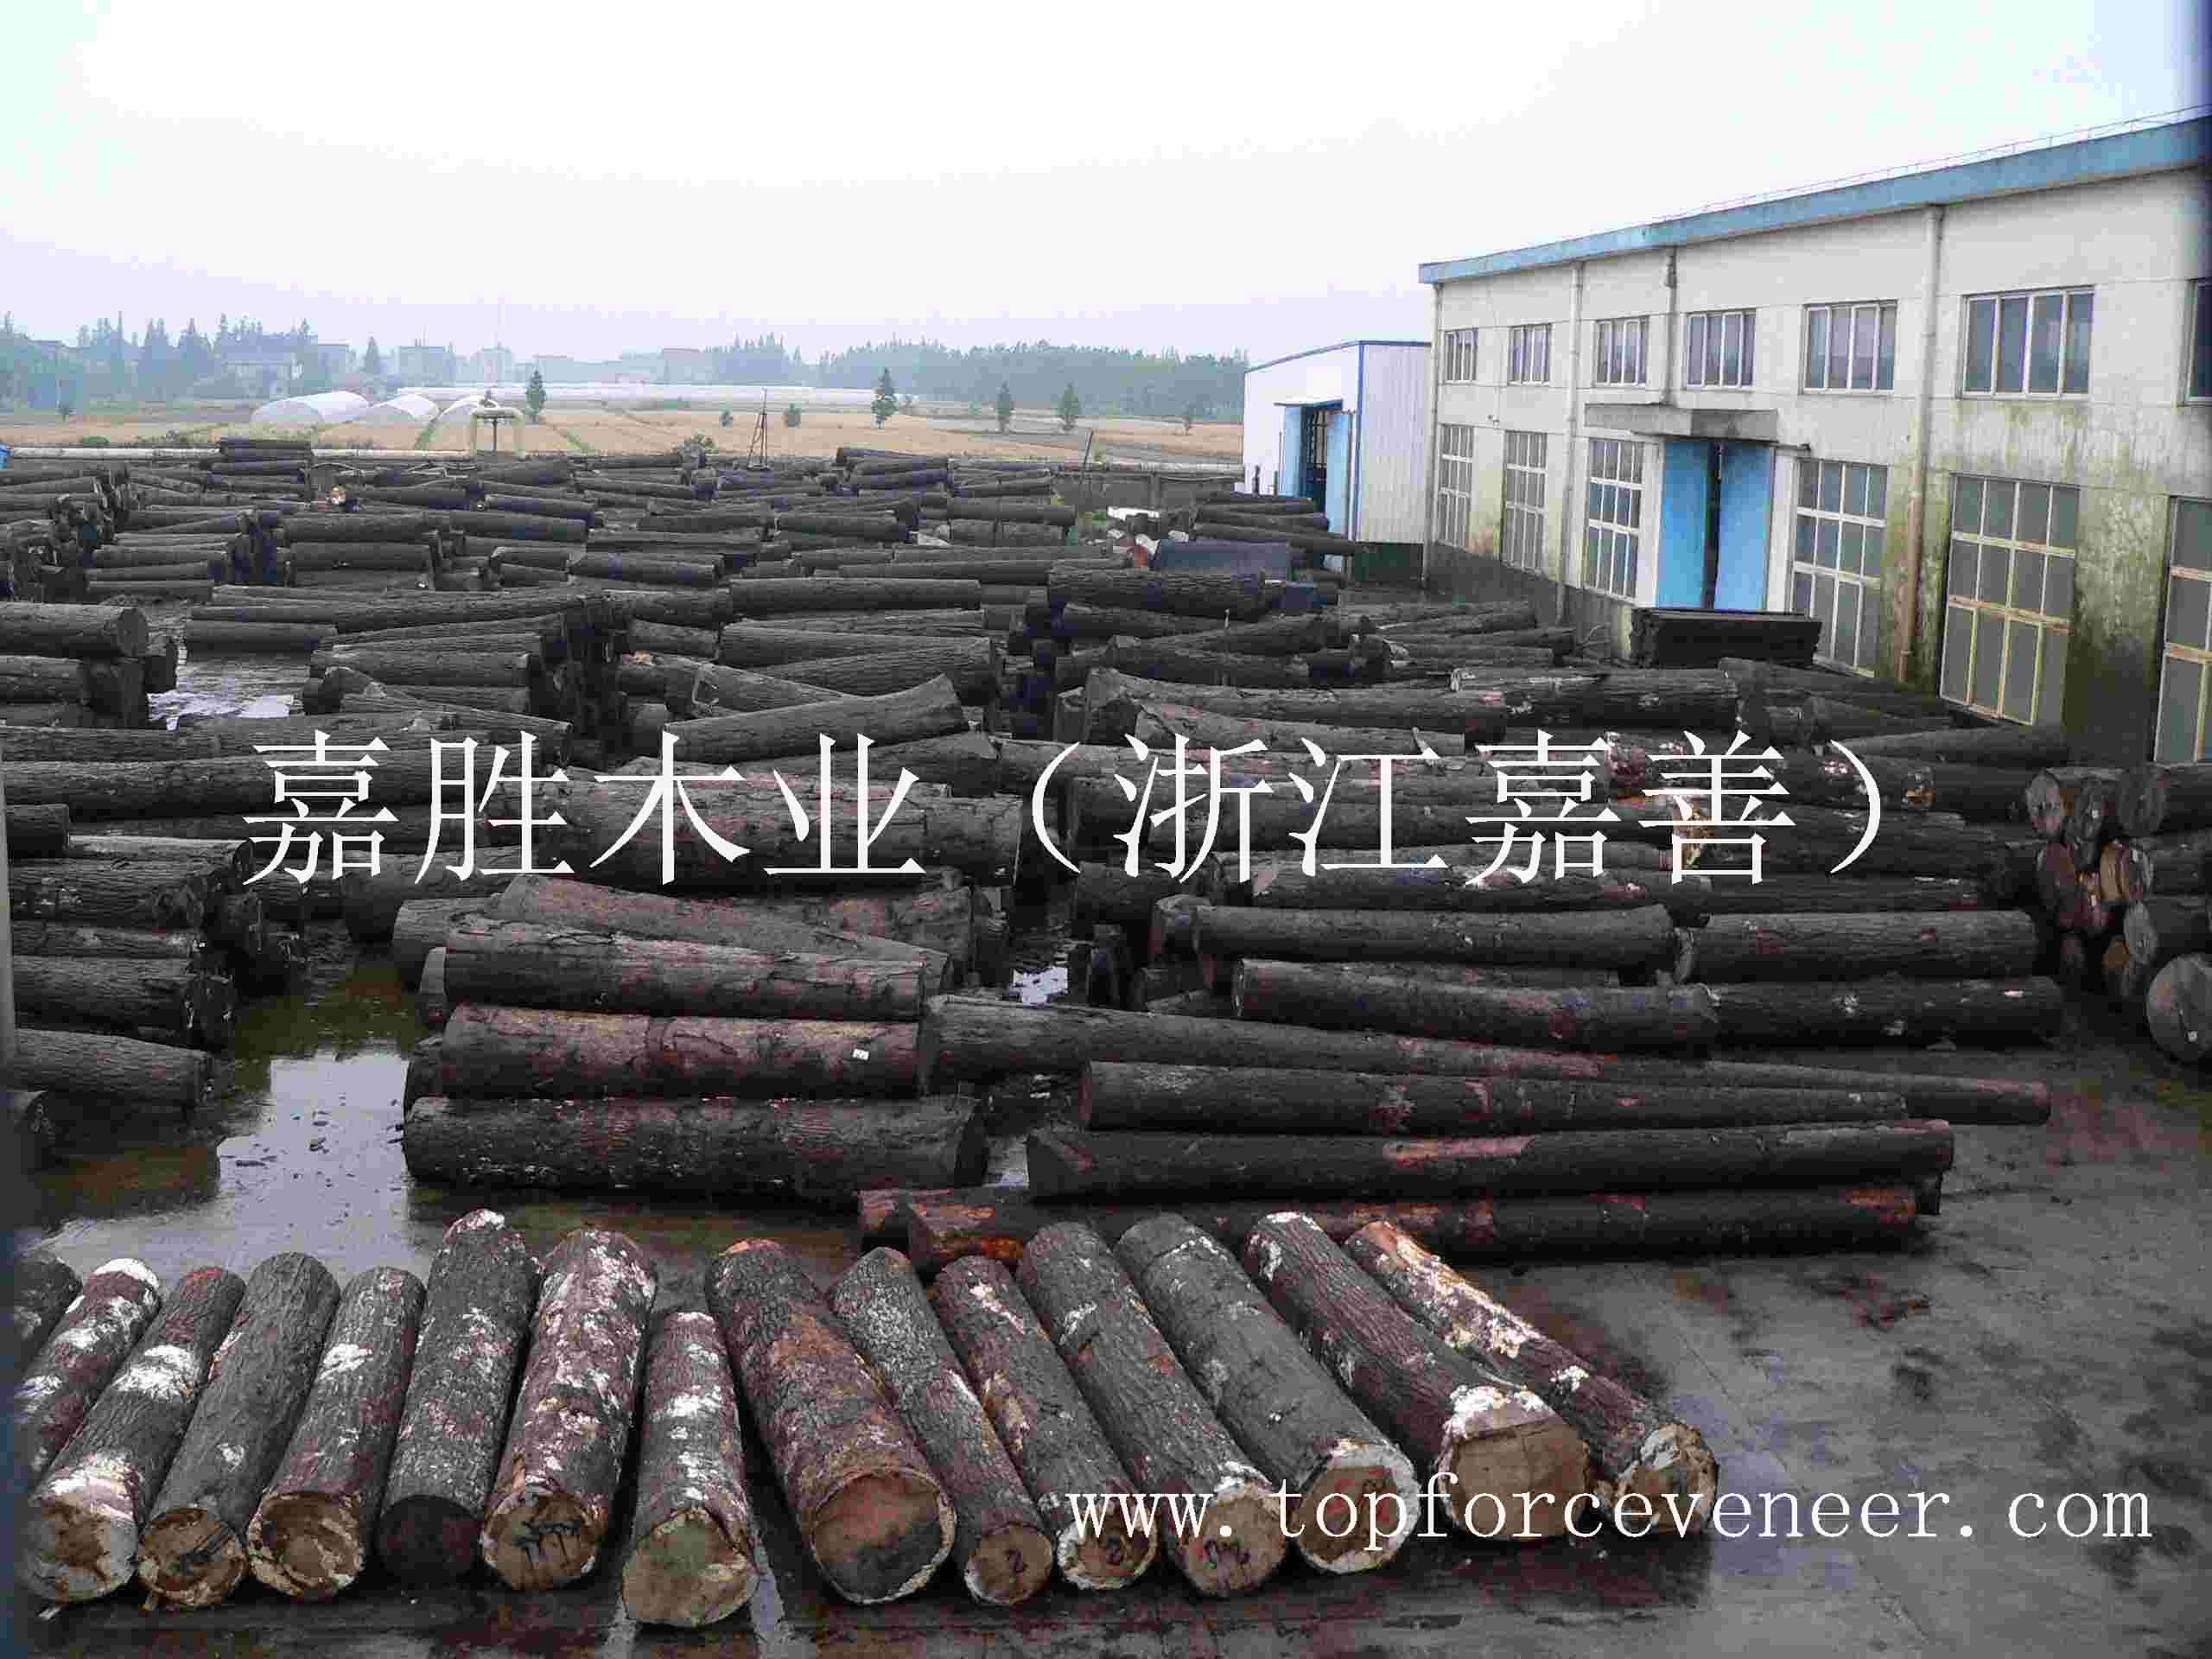 浙江木皮生产商 ZheJiang JiaShan Veneer Slicing Cutting Rift Cutting Factory or Agent